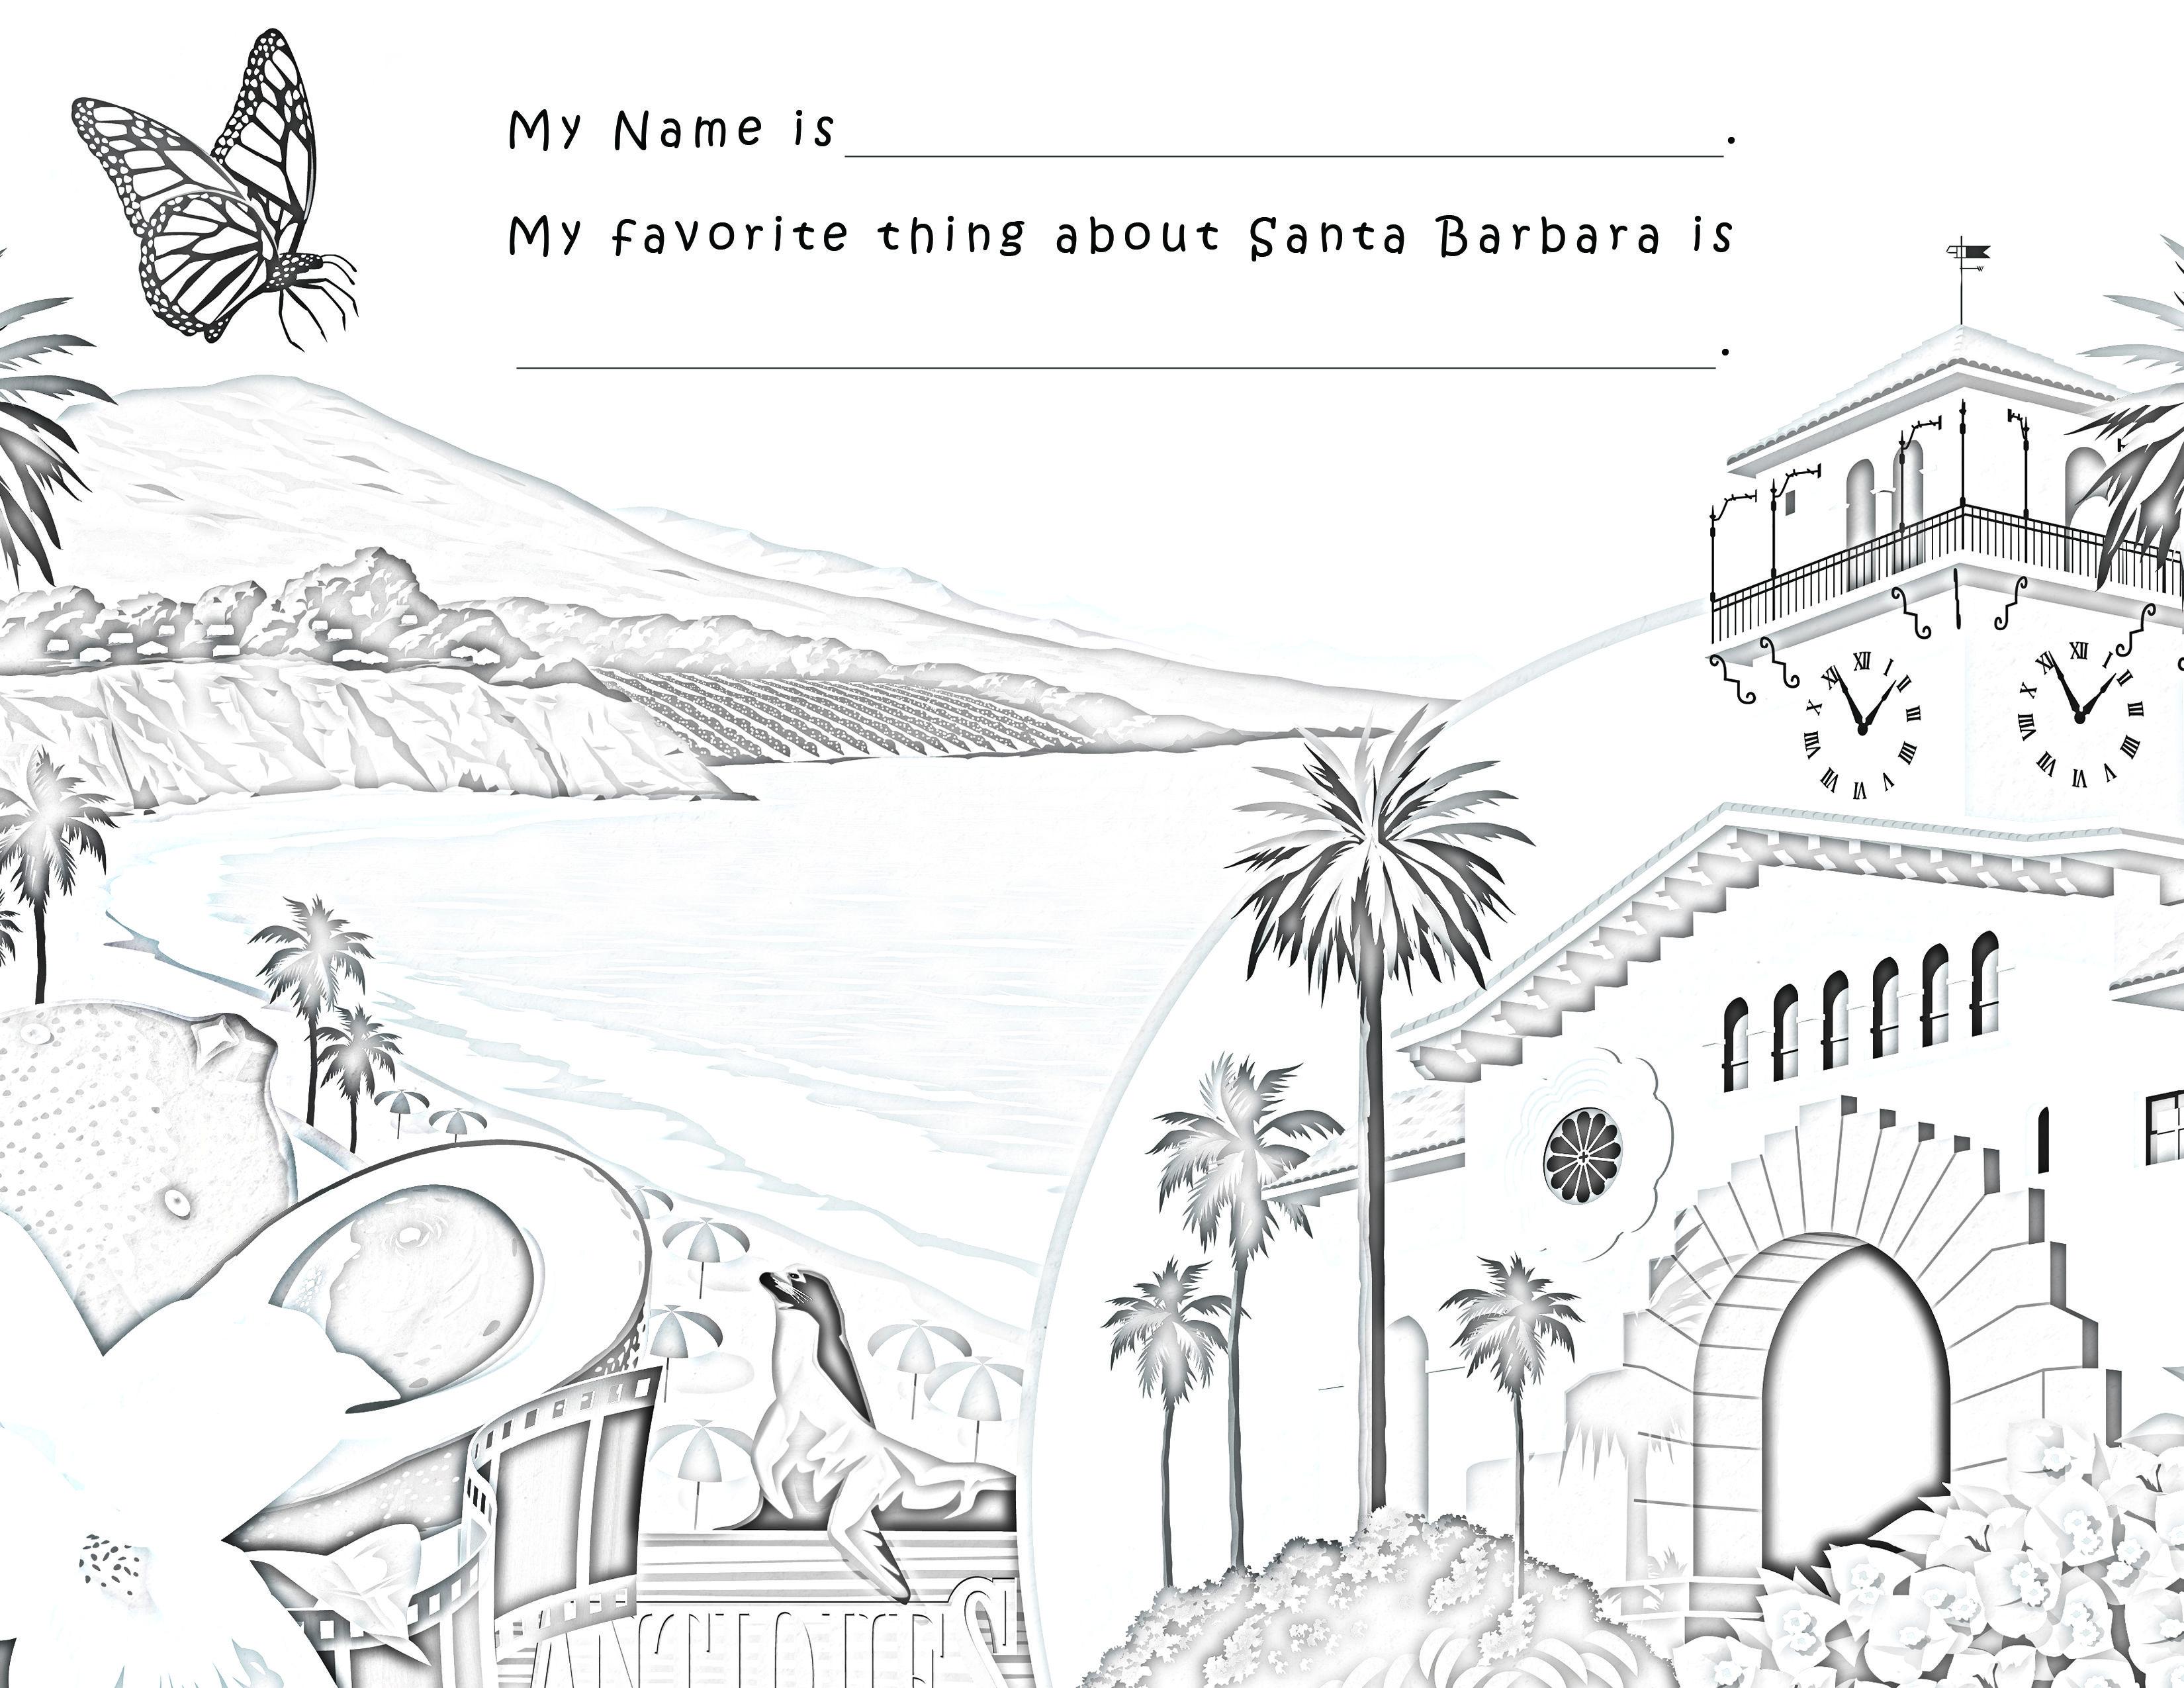 Santa Barbara South Coast Coloring Page! You tell us, what